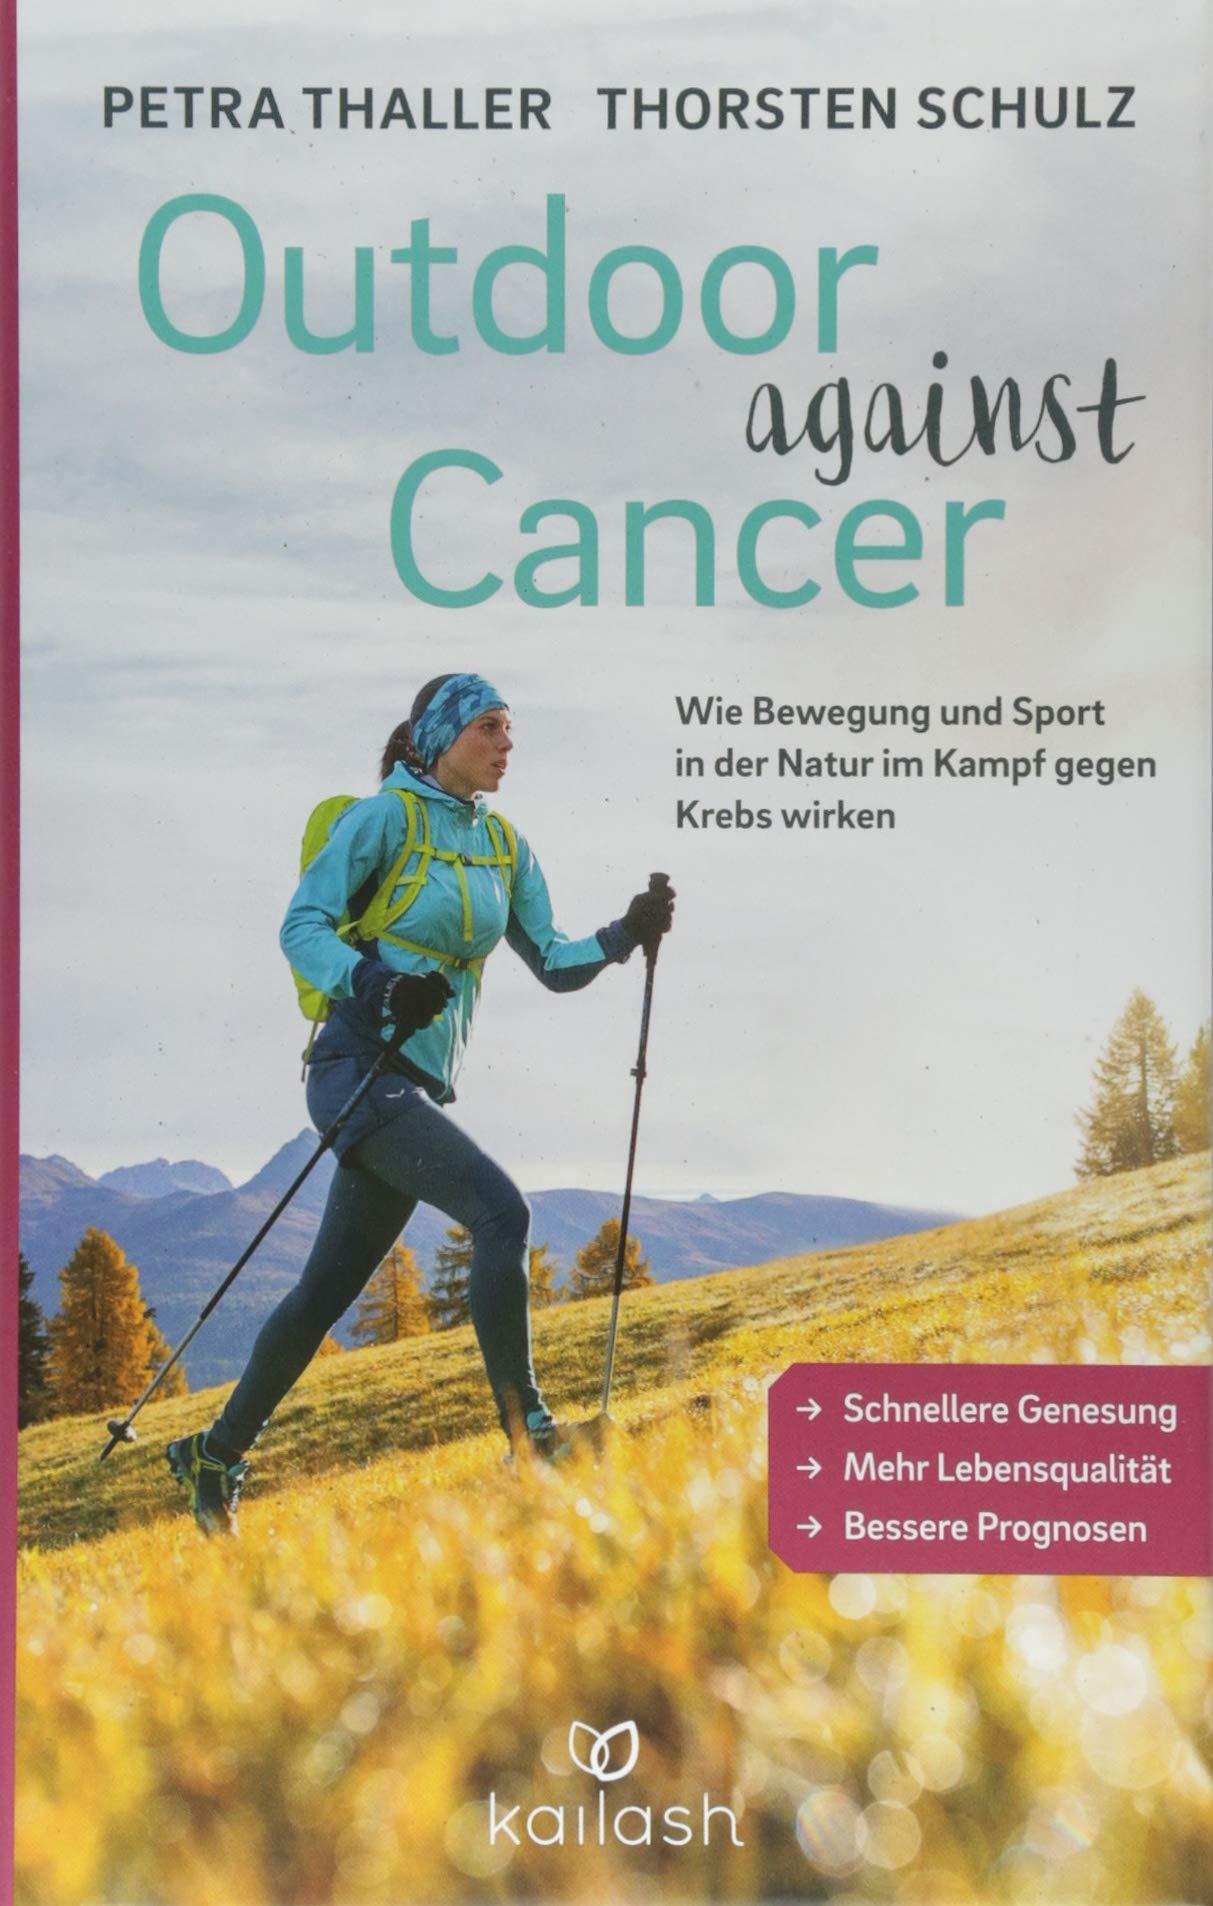 Outdoor against Cancer: Wie Bewegung und Sport in der Natur im Kampf gegen Krebs wirken - Schnellere Genesung, mehr Lebensqualität, bessere Prognosen